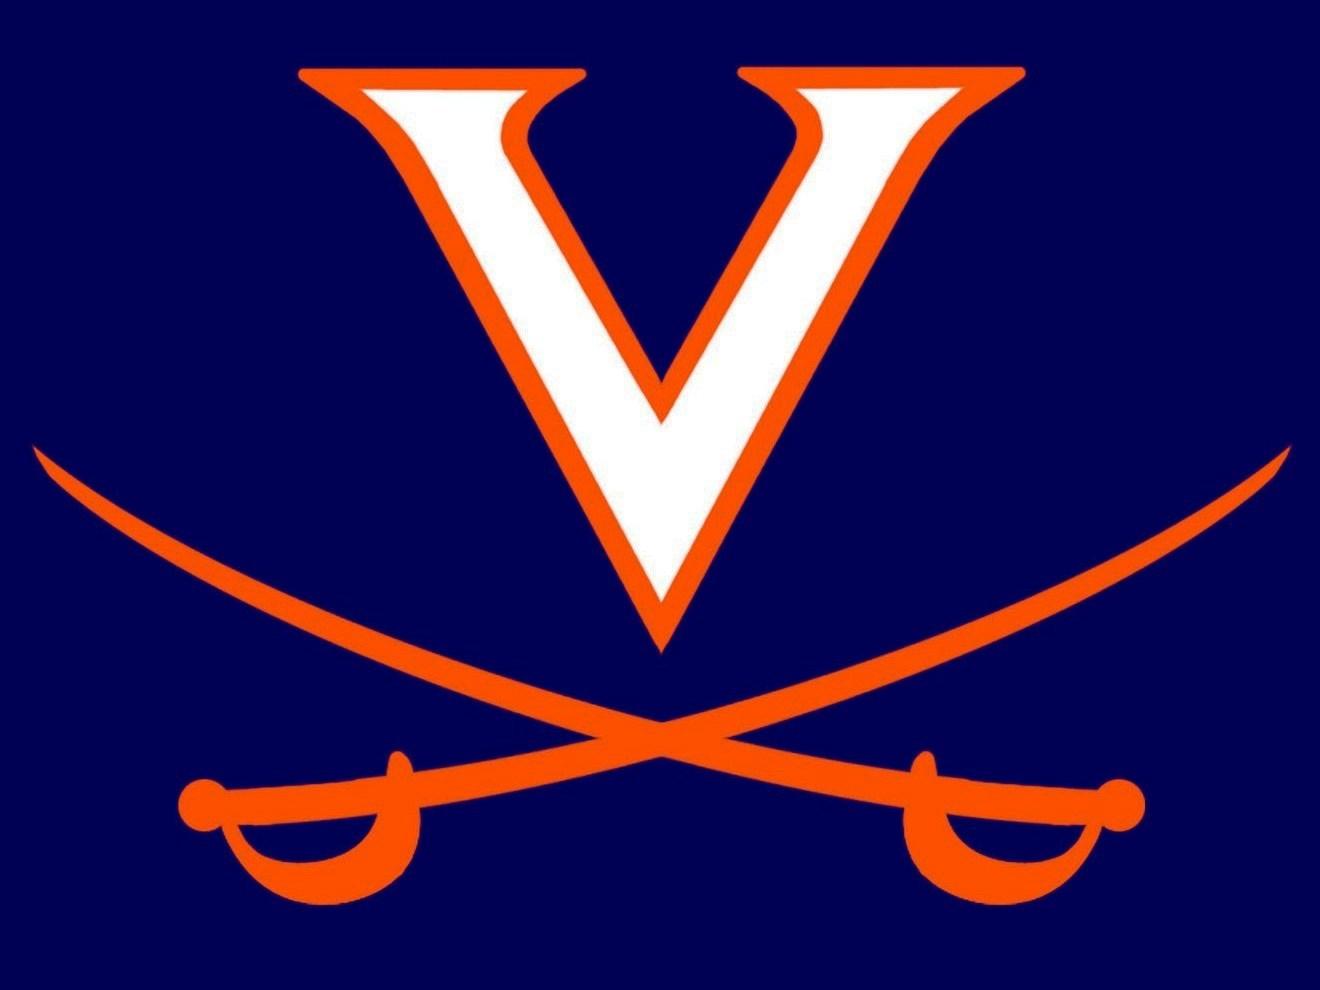 ヴァージニア大ロゴ